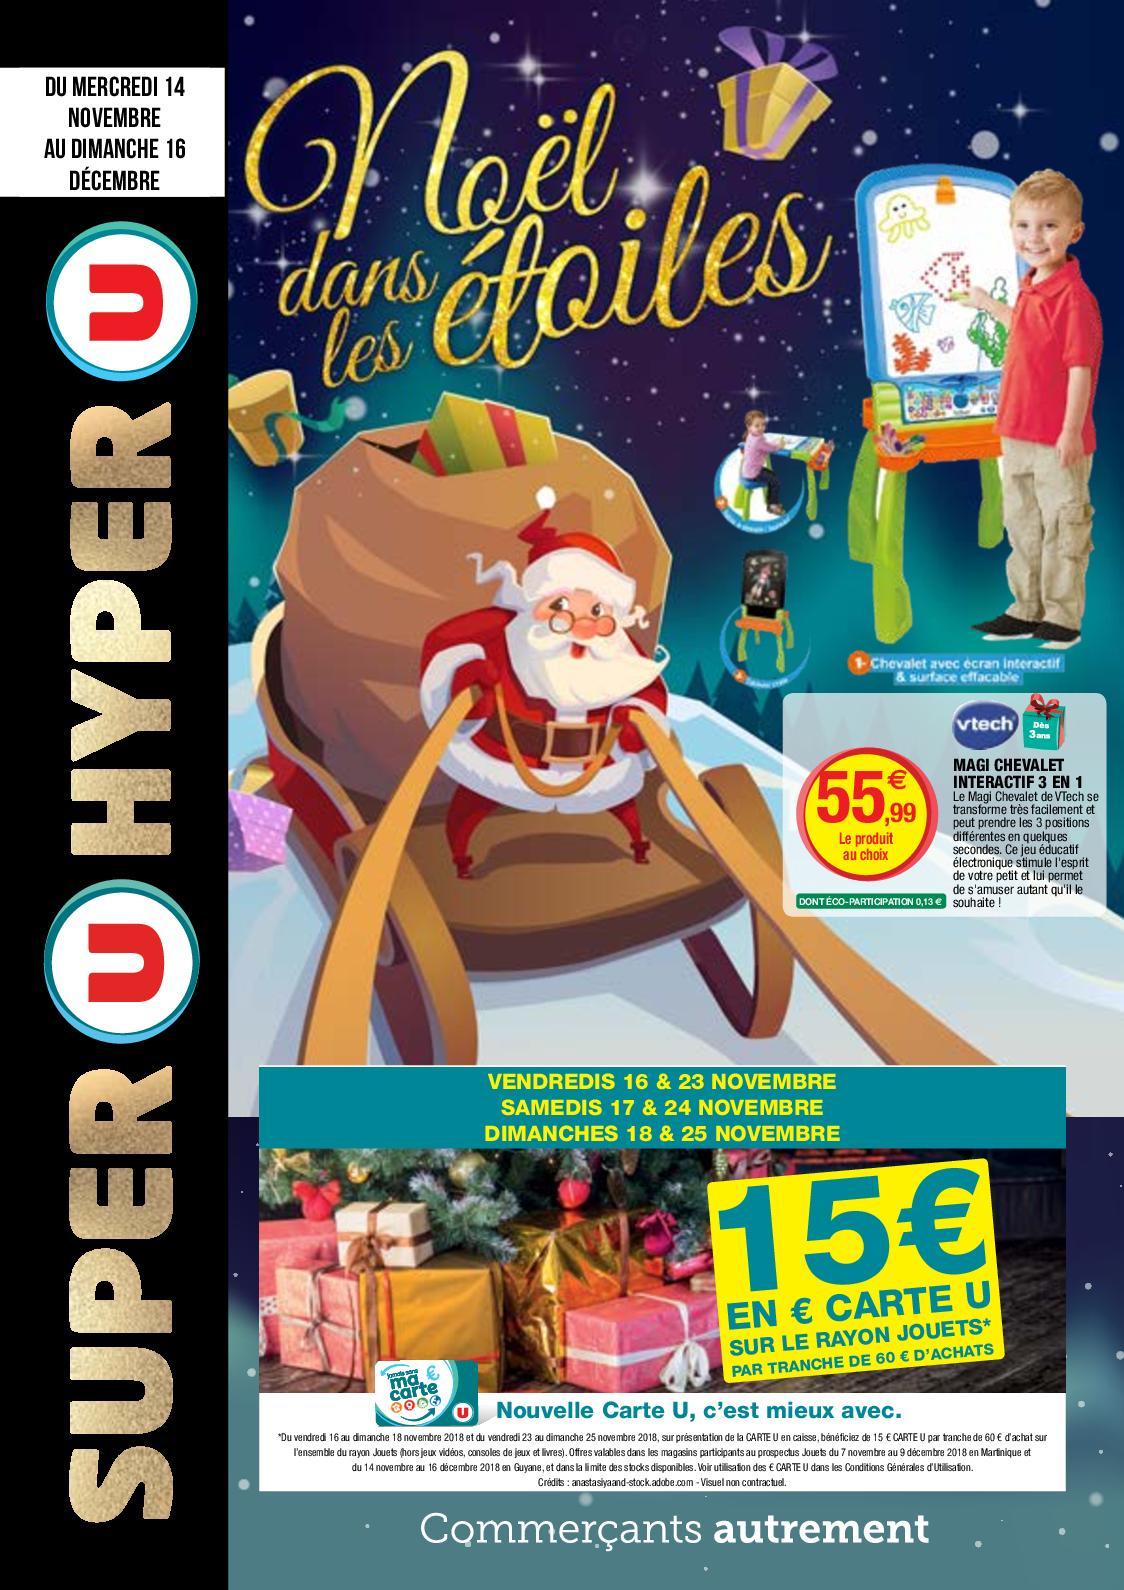 Calaméo - Catalogue Super U & Hyper U Du 14/11 Au 16/12 pour Jeu Interactif 3 Ans